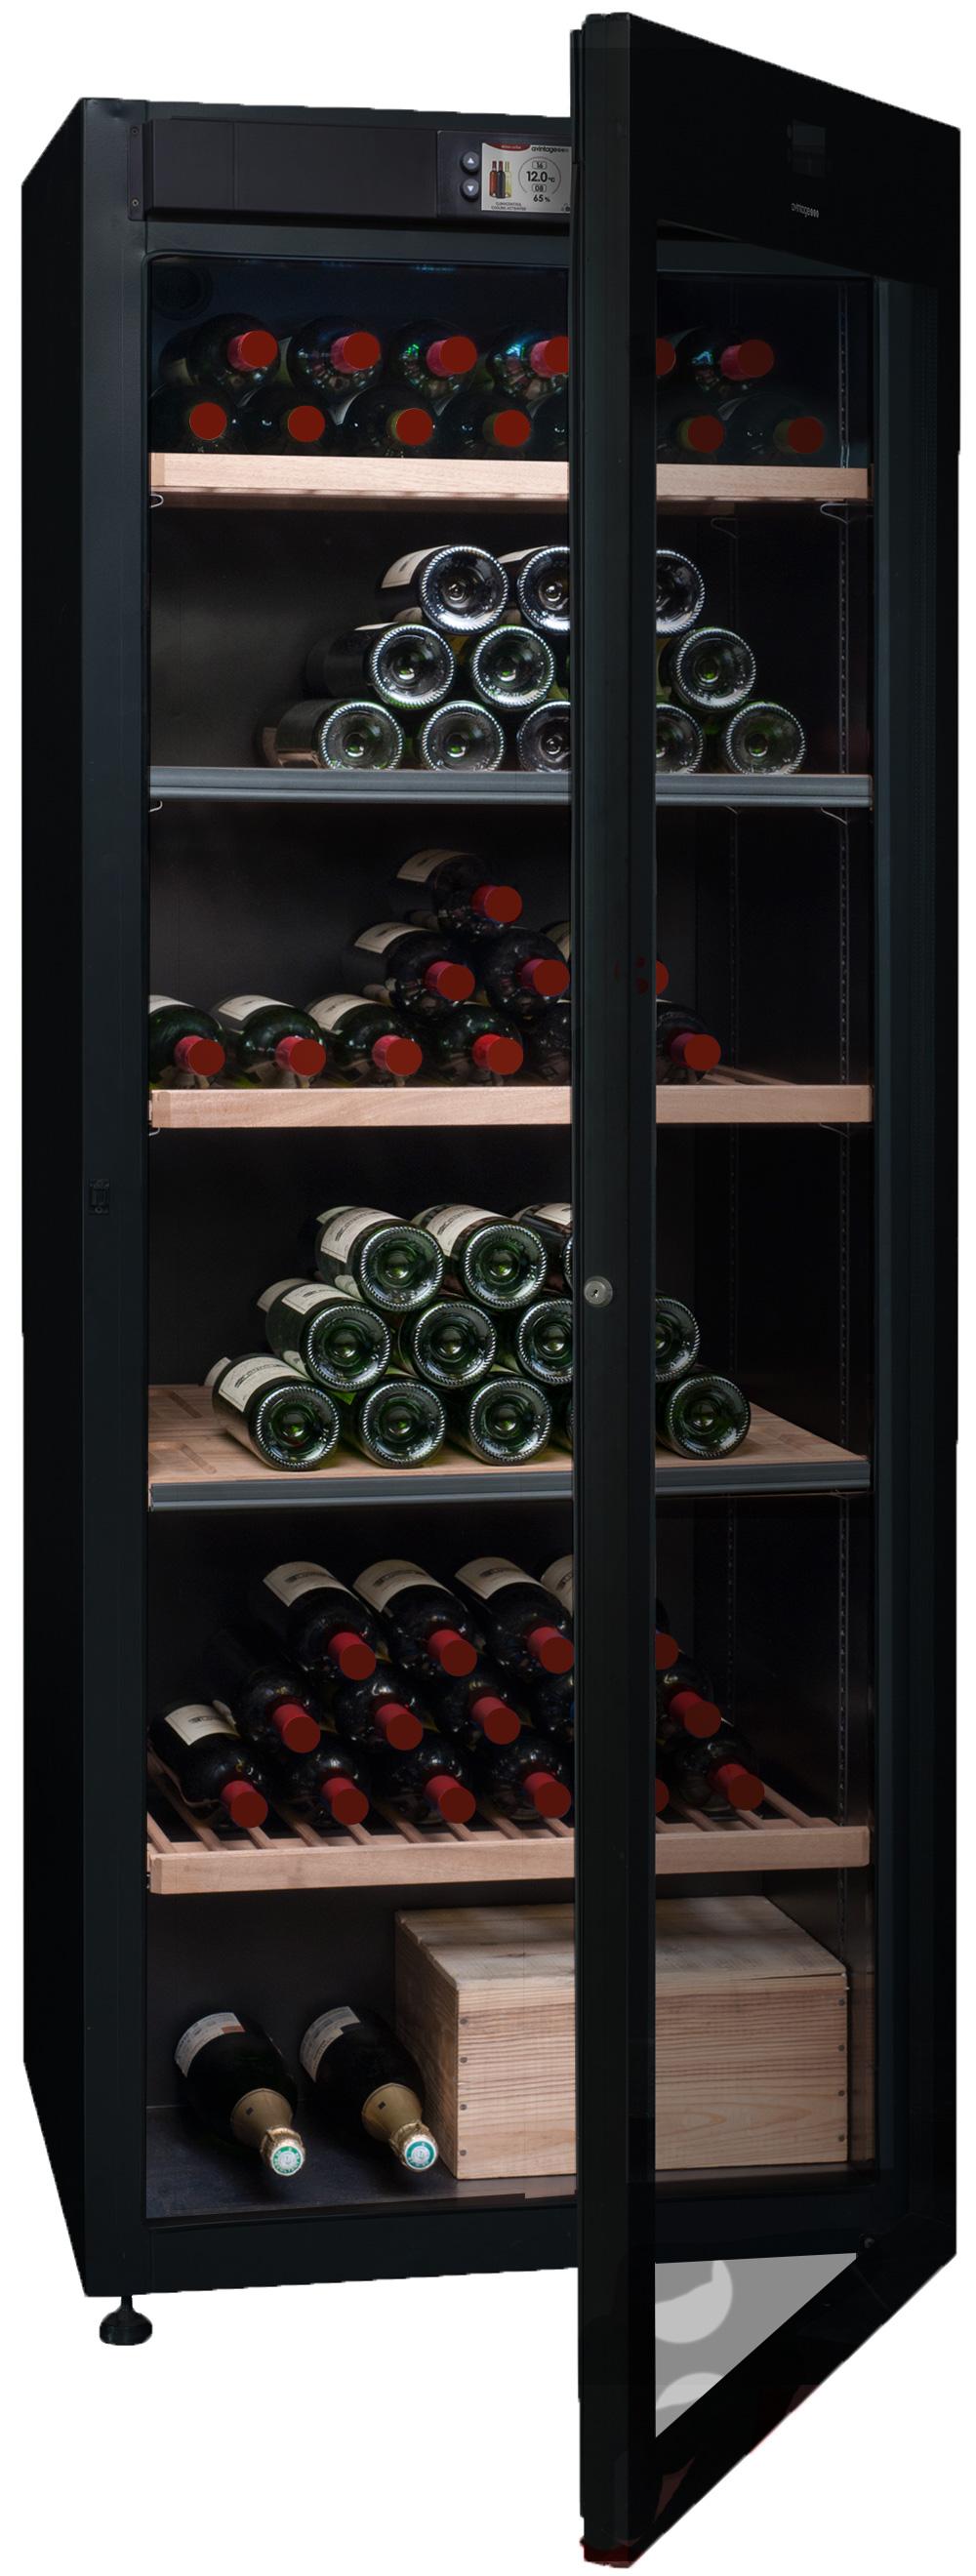 Multitemperatursskåp med plats för 294 flaskor